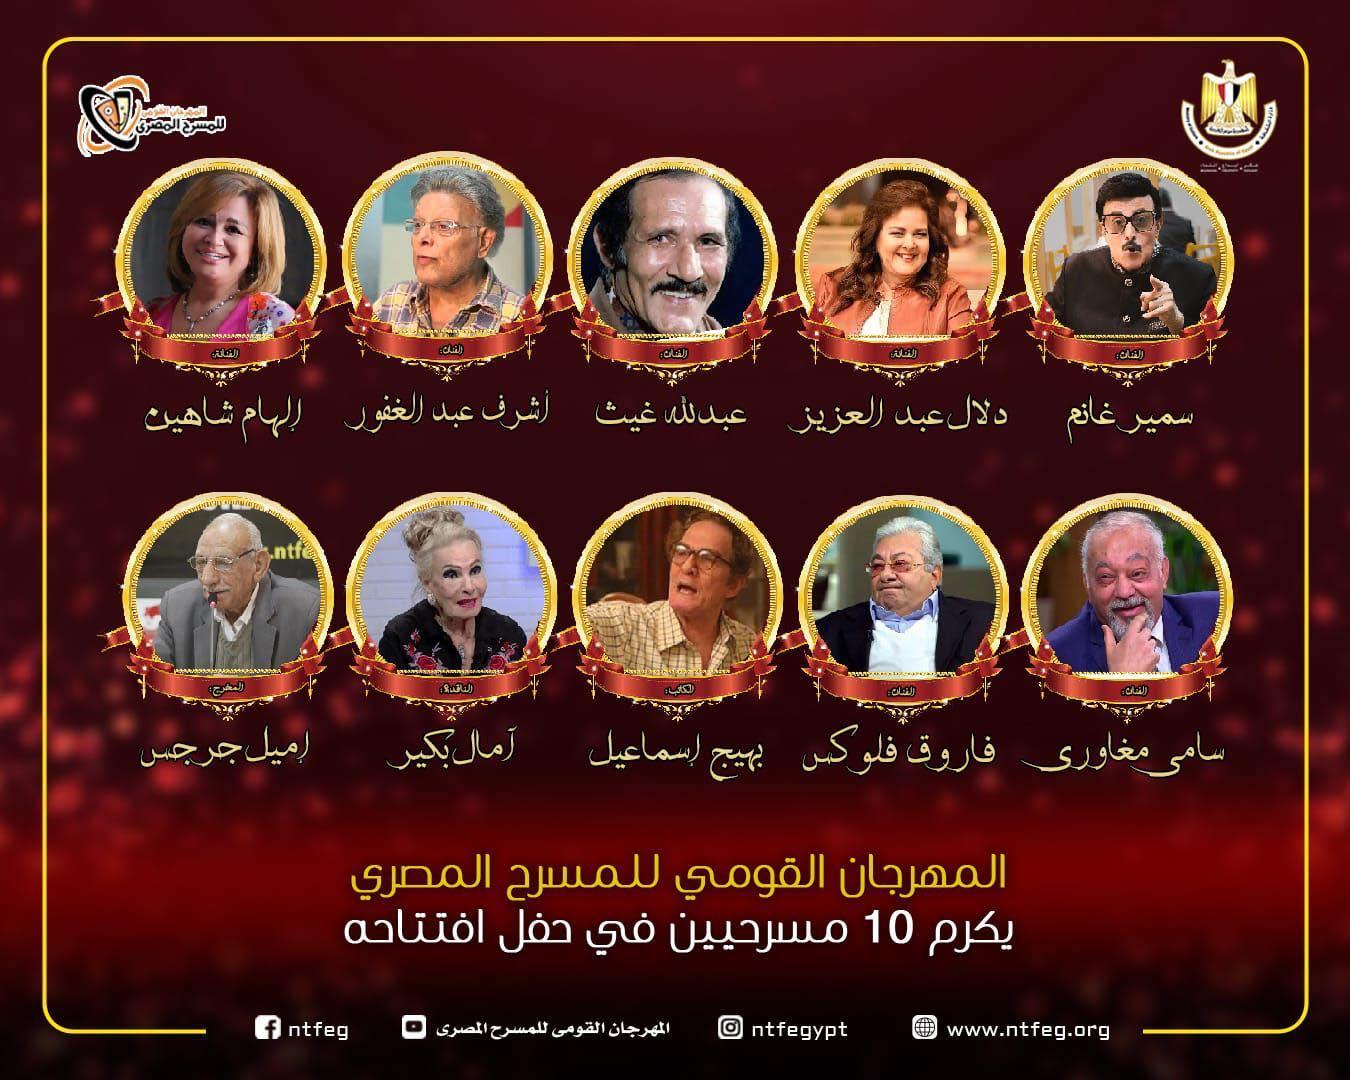 المهرجان القومي للمسرح المصري يعلن عن تكريم ١٠ مسرحيين في حفل افتتاحه